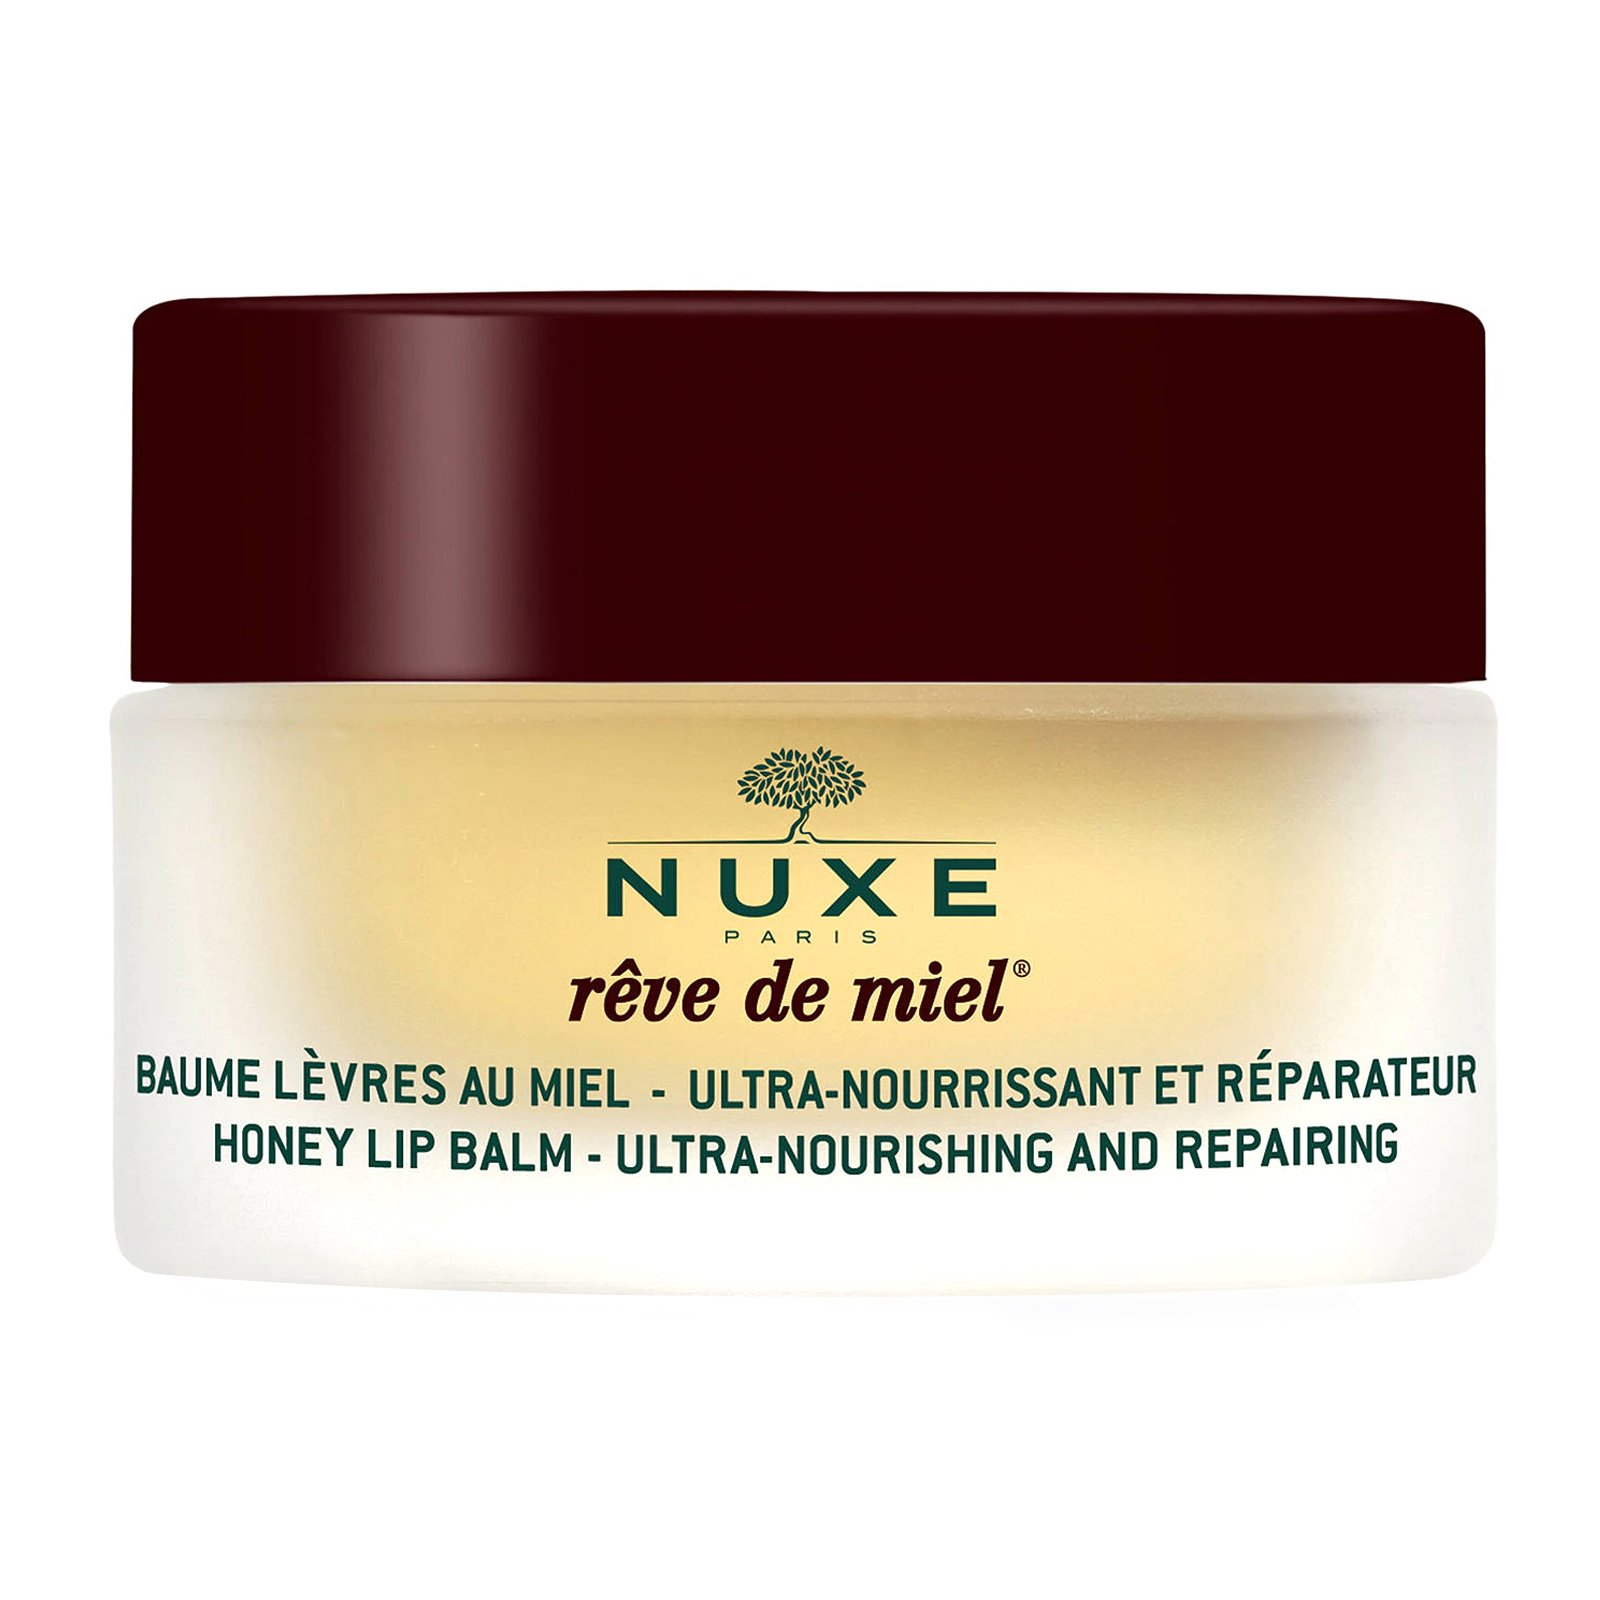 Nuxe Reve De Miel Baume Levres – Θρέψη για Ξηρά και Σκασμένα Χείλη 15ml